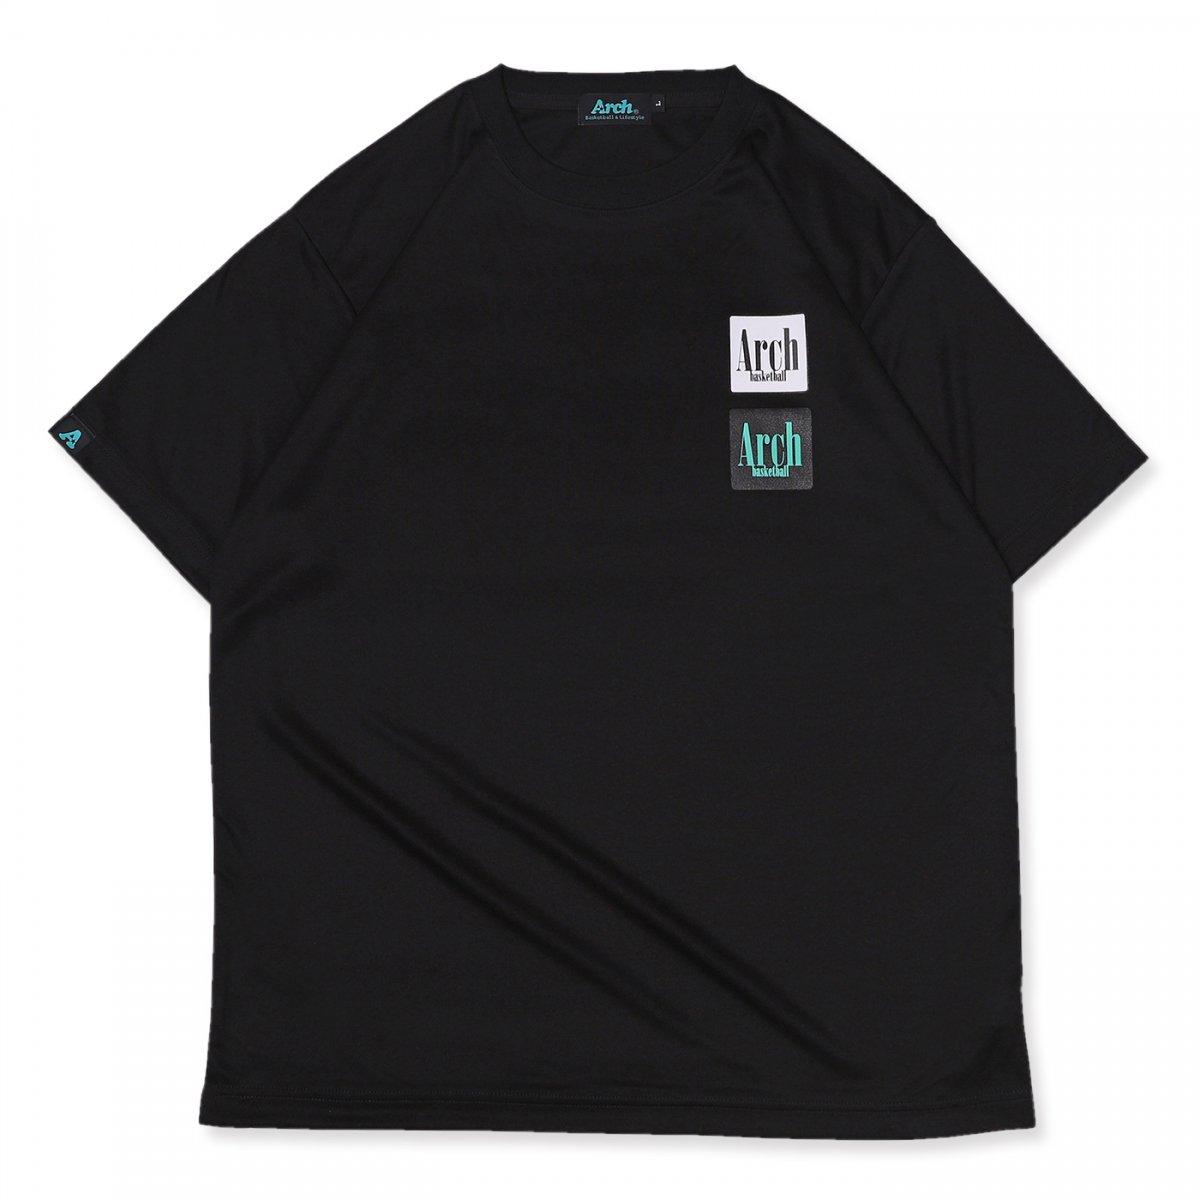 スクエア ロゴ Tシャツブラック